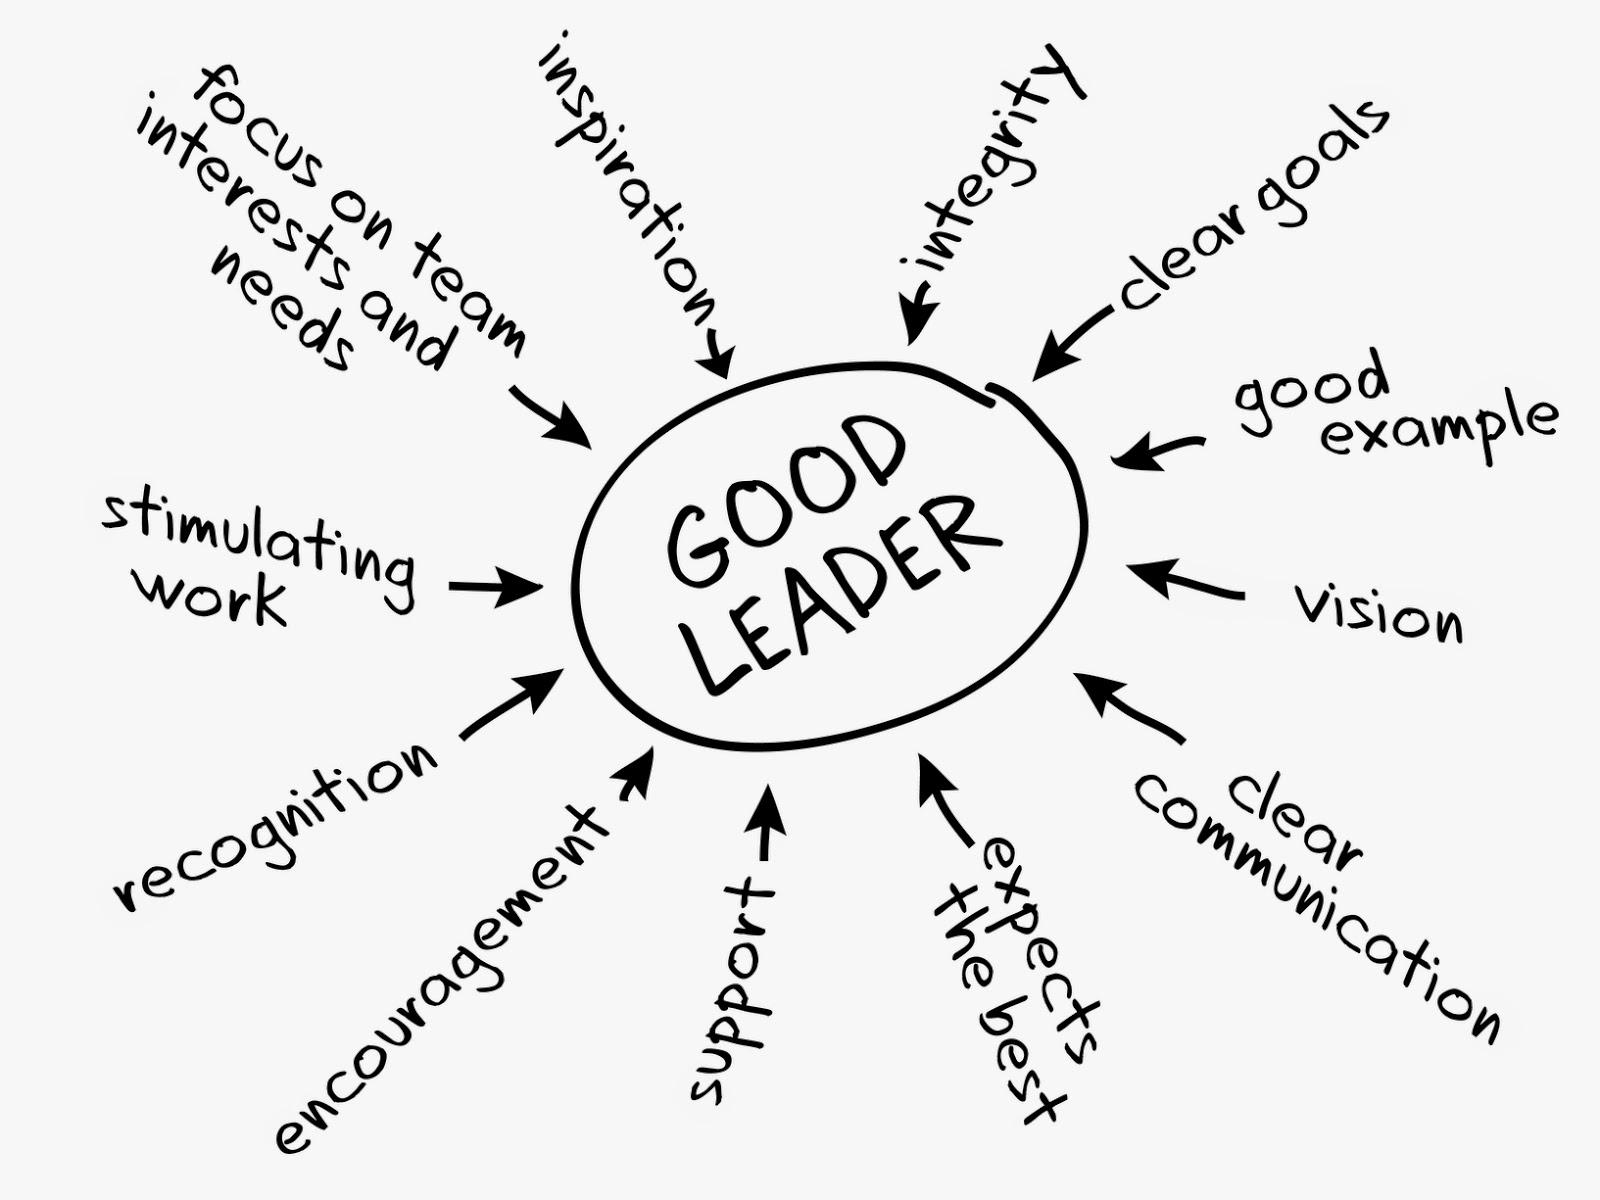 Leadership Promises - Good Leaders